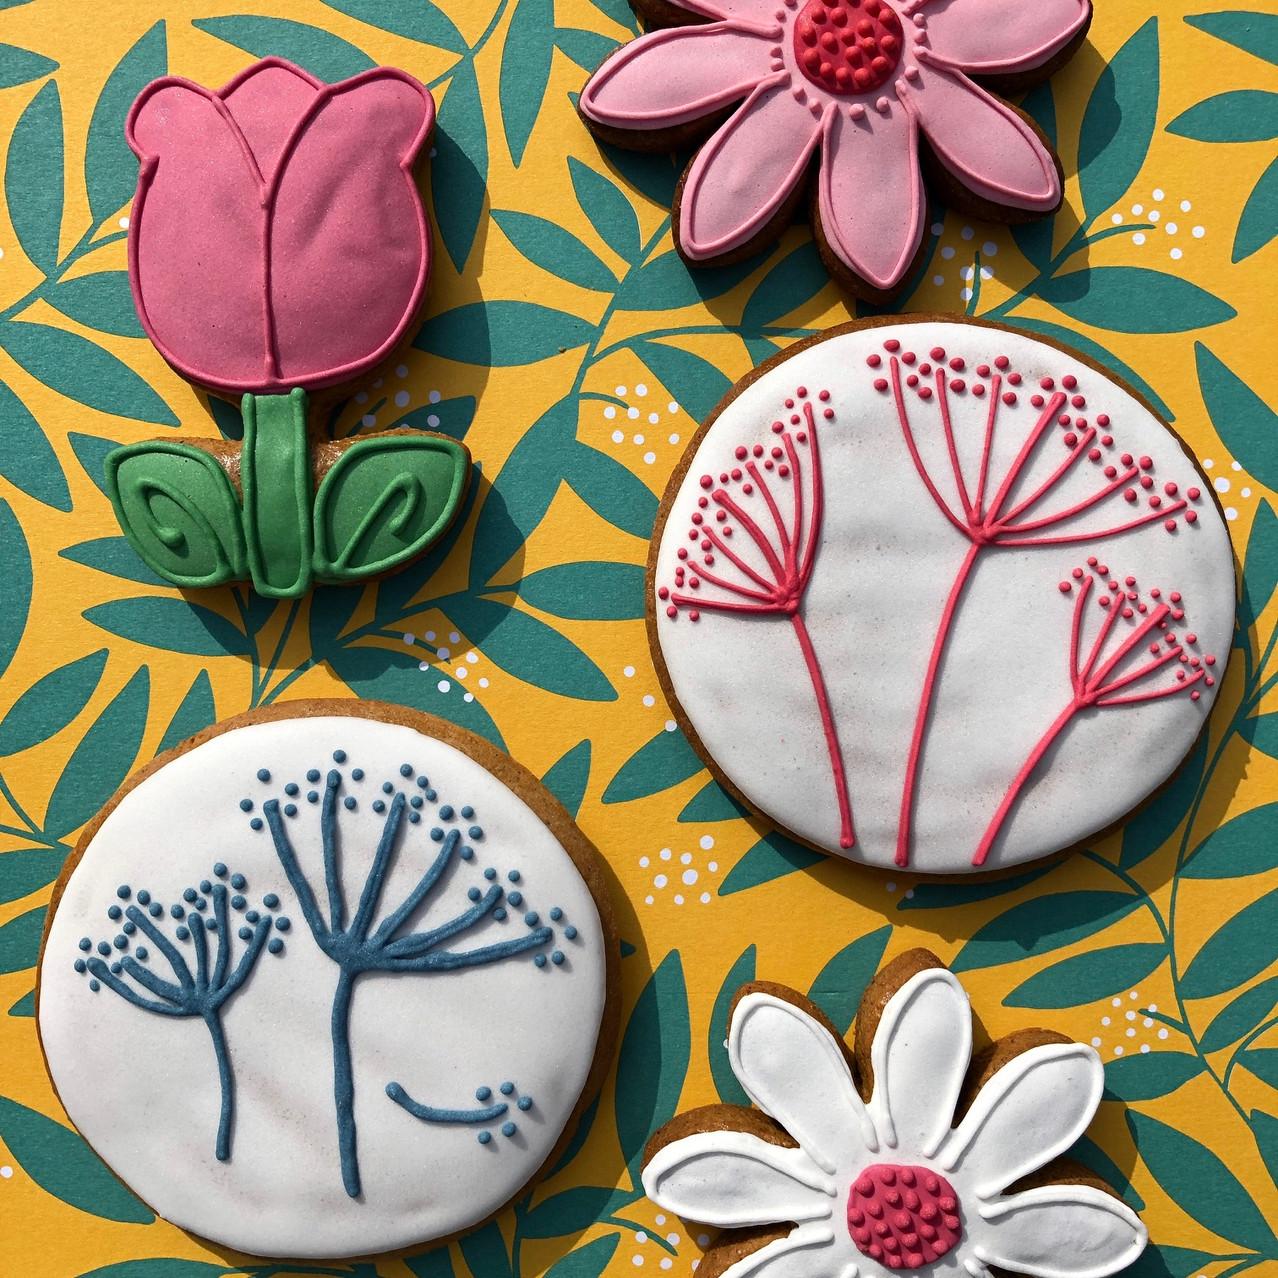 Bramper Biscuits flowers